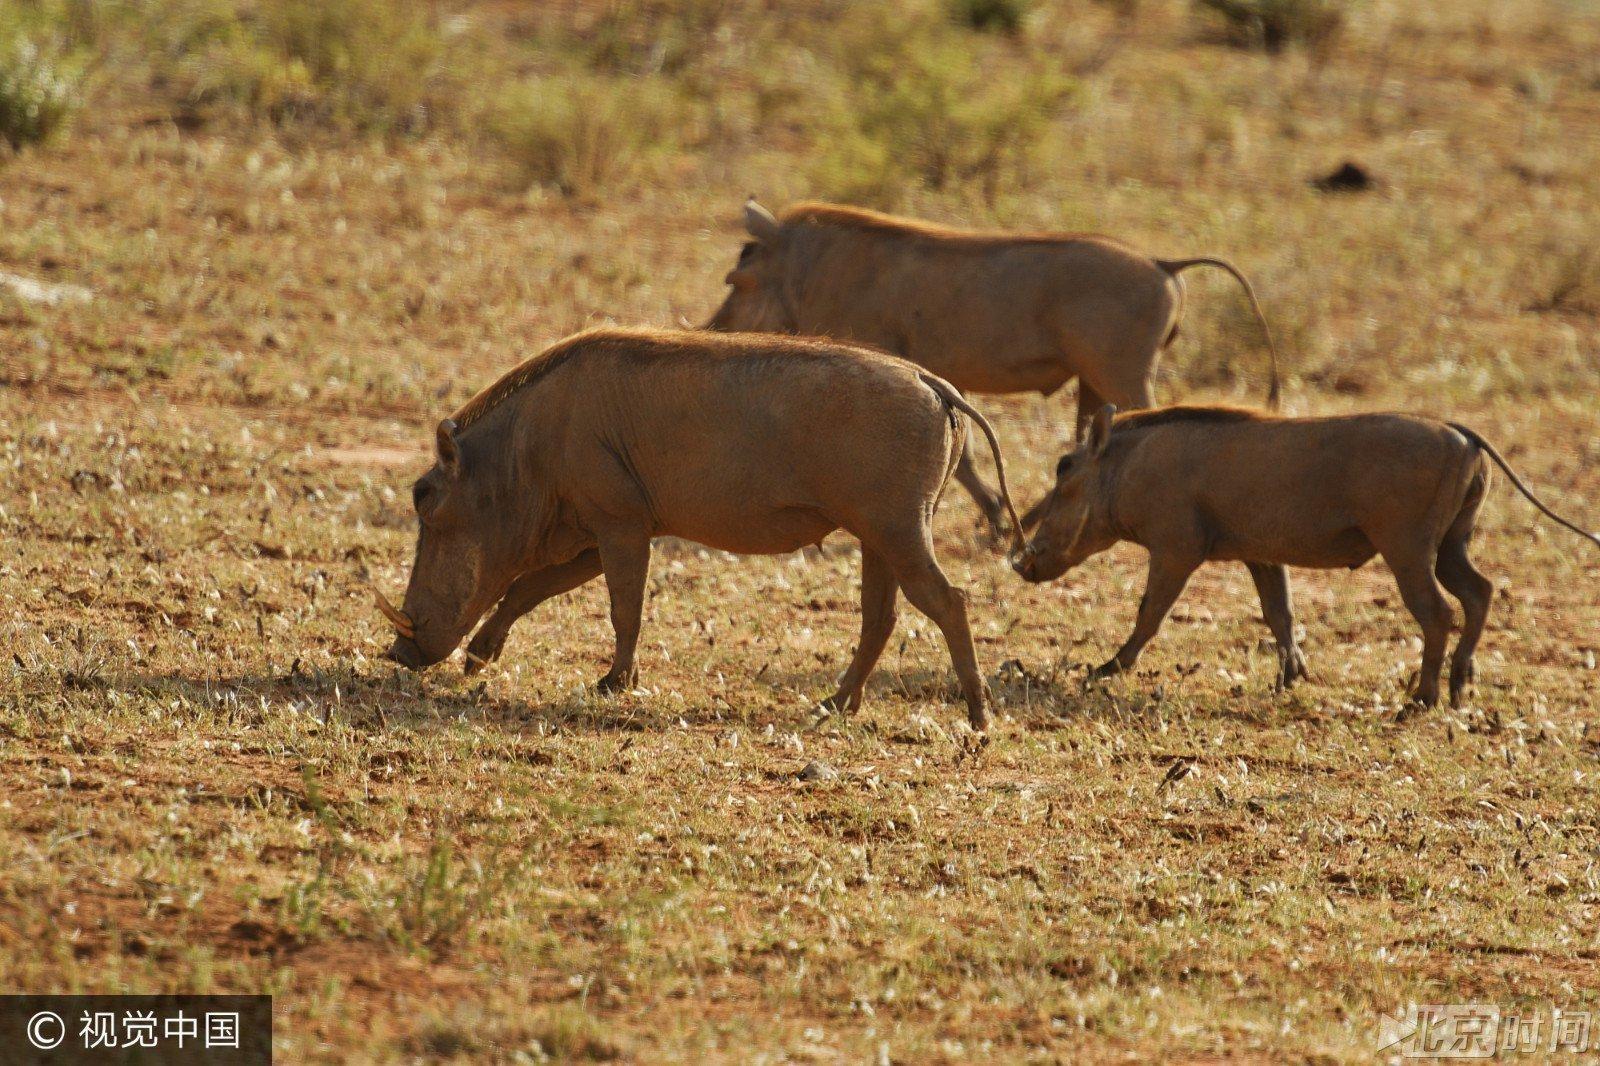 非洲遭遇持续干旱 稀有野生动物面临灭绝危机?